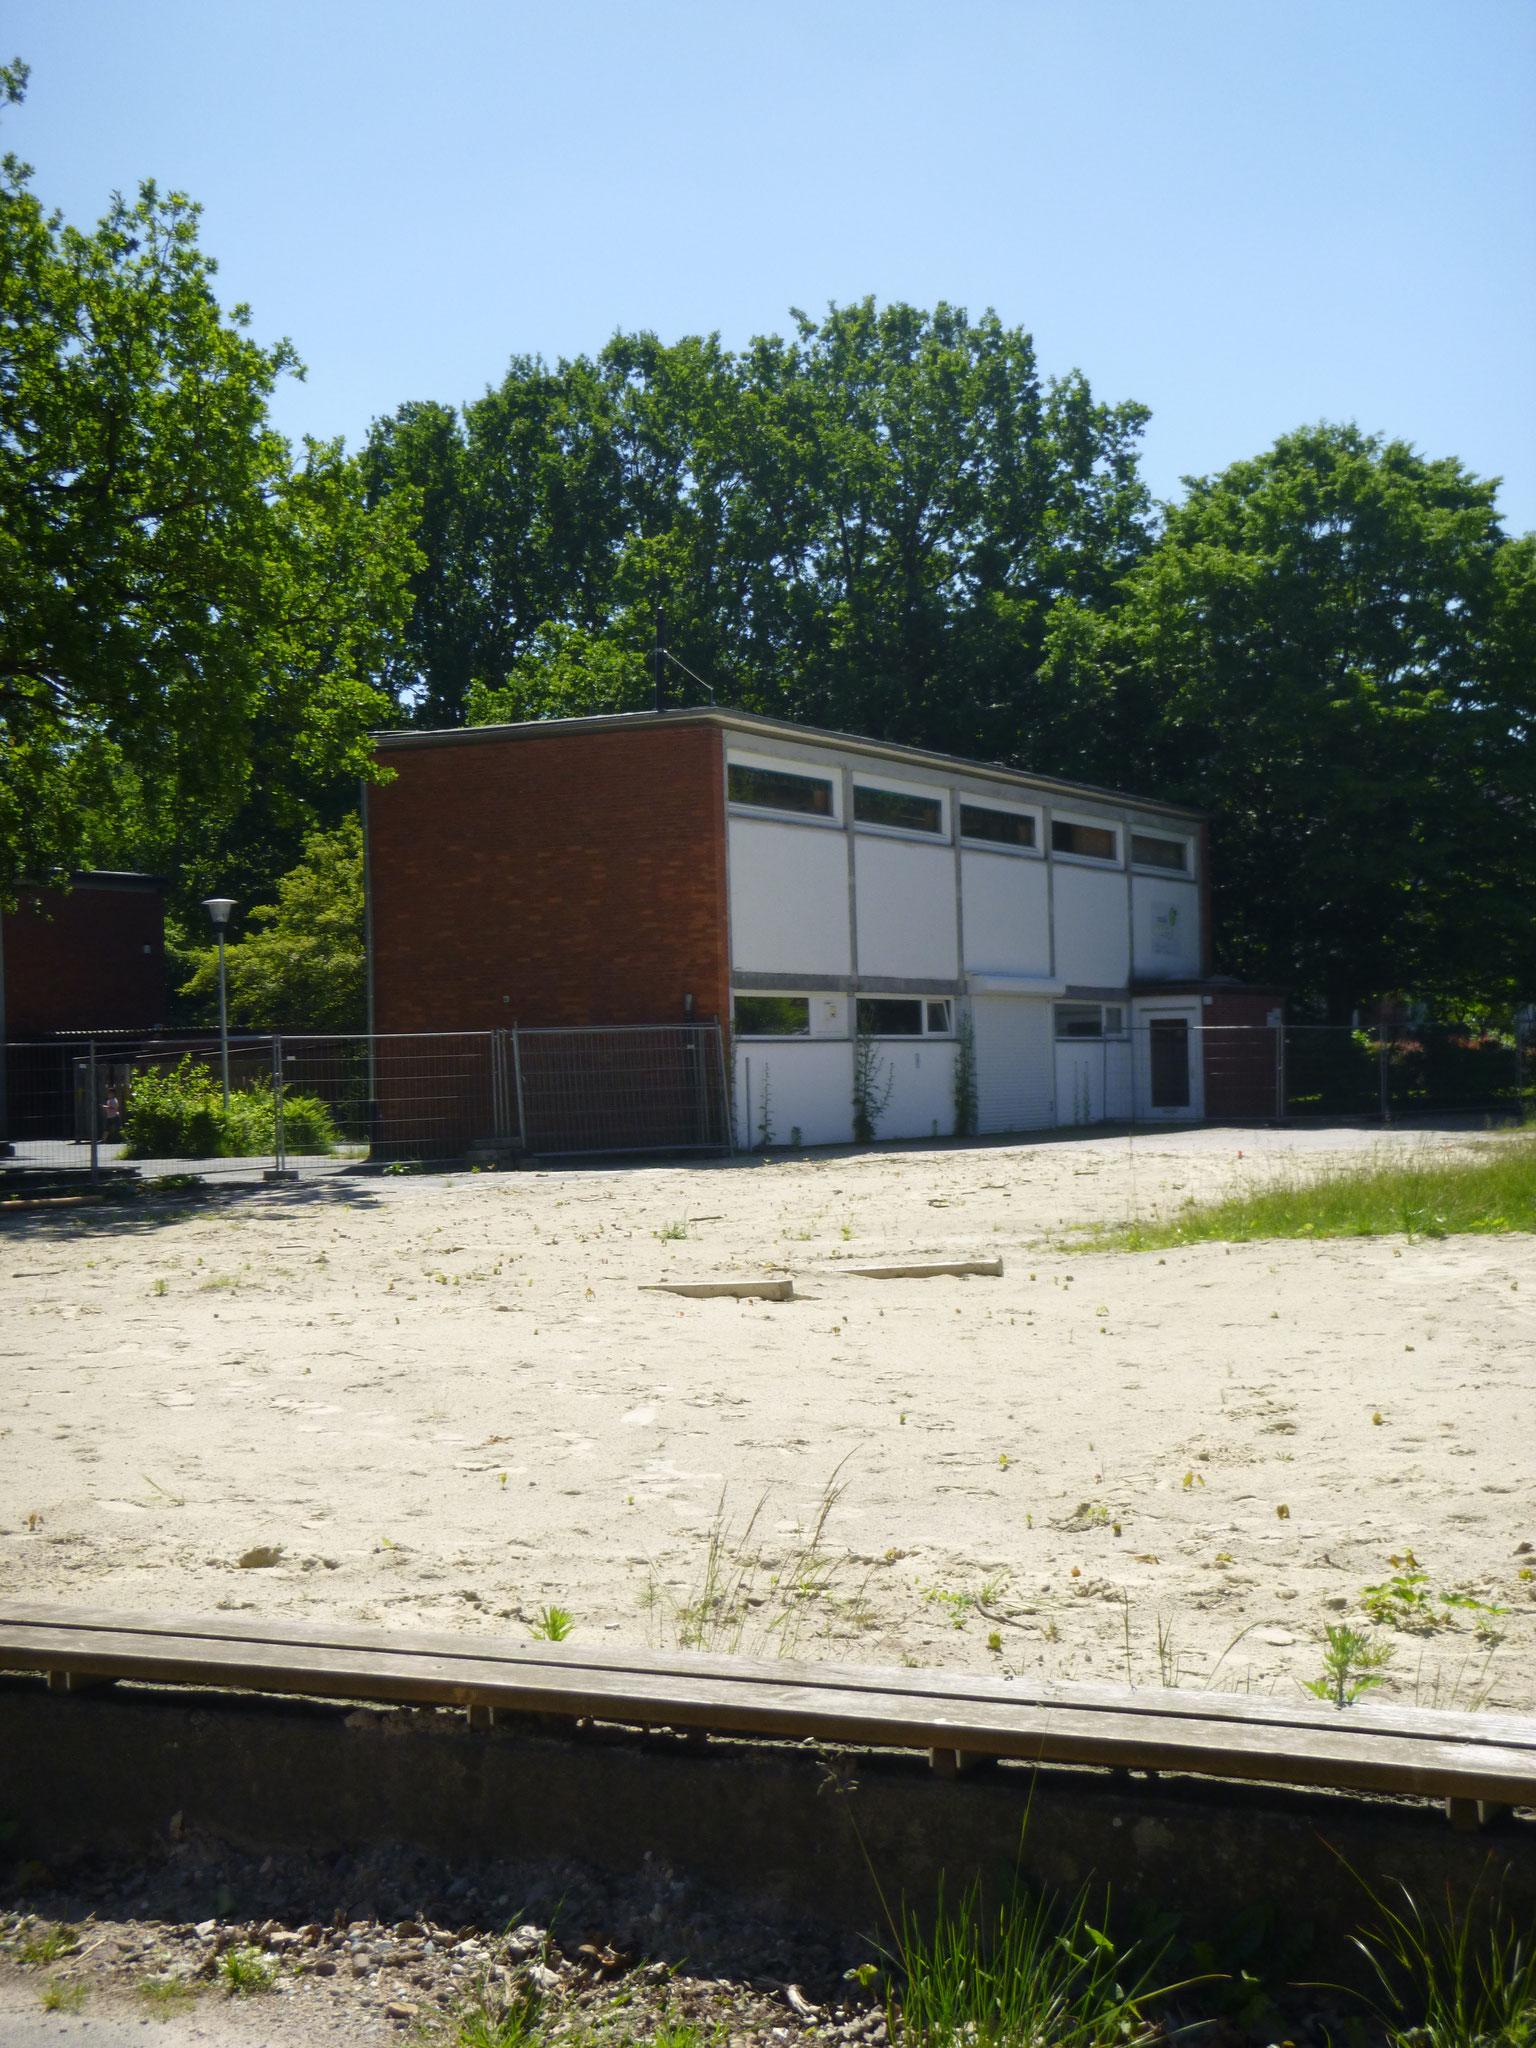 Hier seht ihr die Fläche, wo die bauen. Aber wir können nicht wissen wann die weiter bauen. Wir sind die Schule: Grundschule an der Landskronastraße.